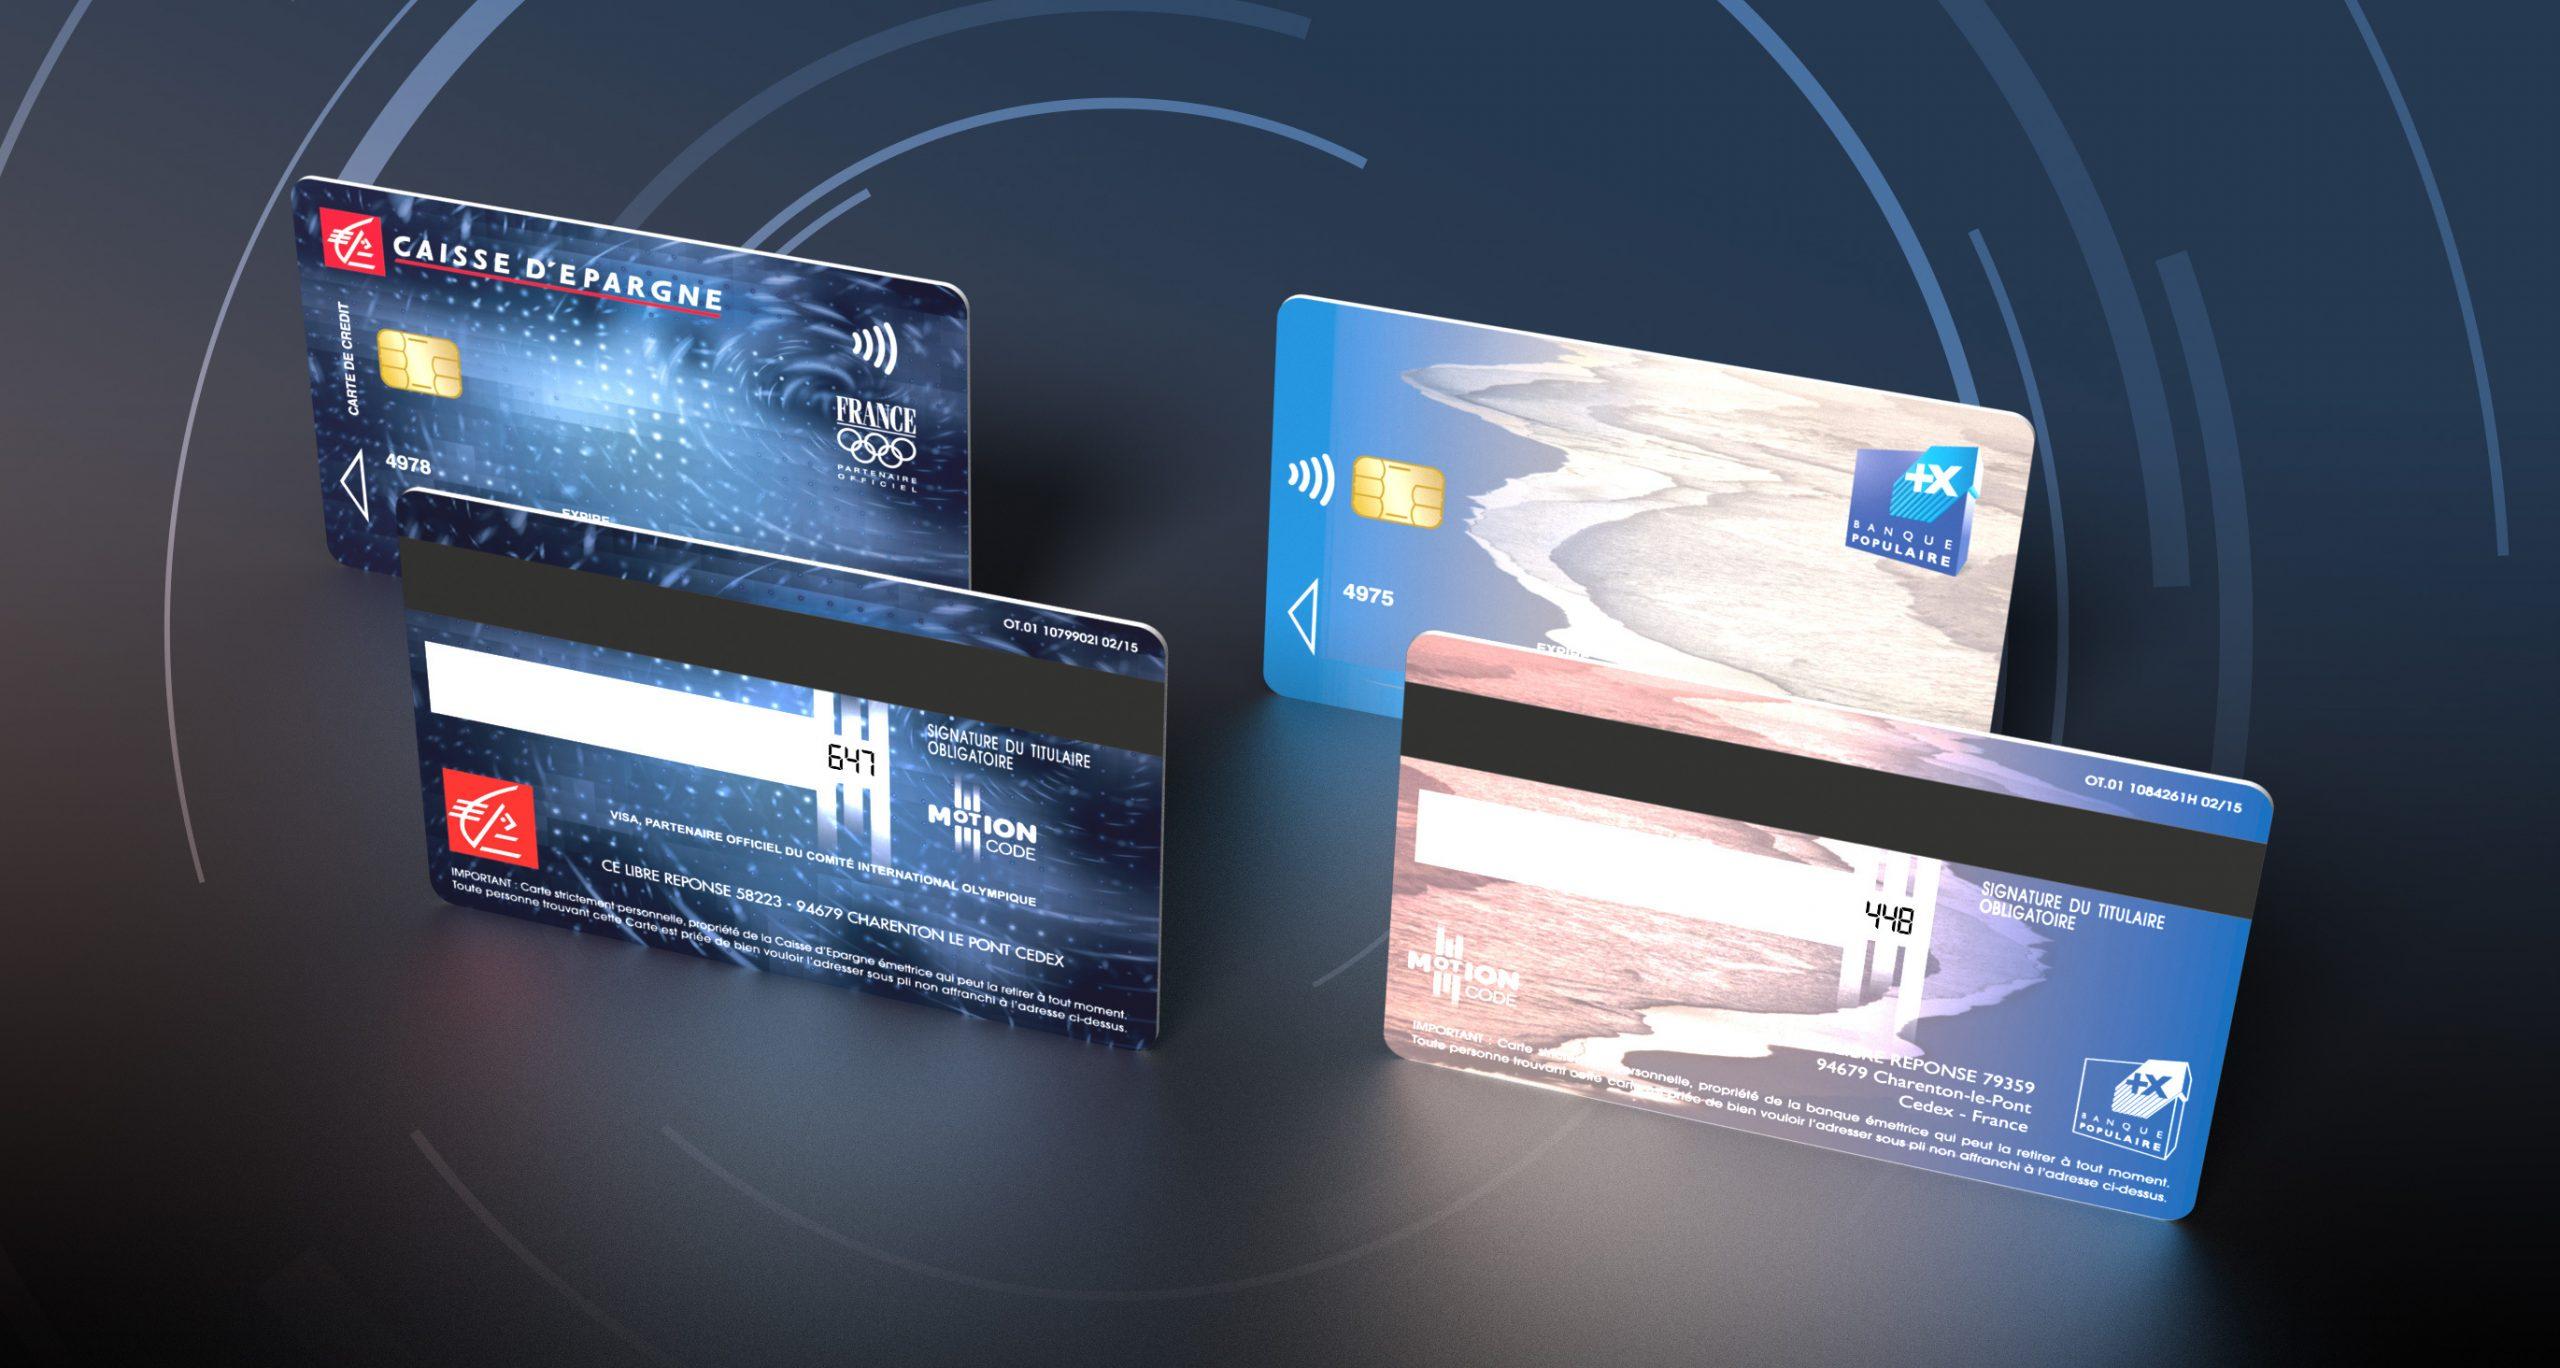 E-carte bleue Banque Populaire : Avis, Avantages et fonctionnement